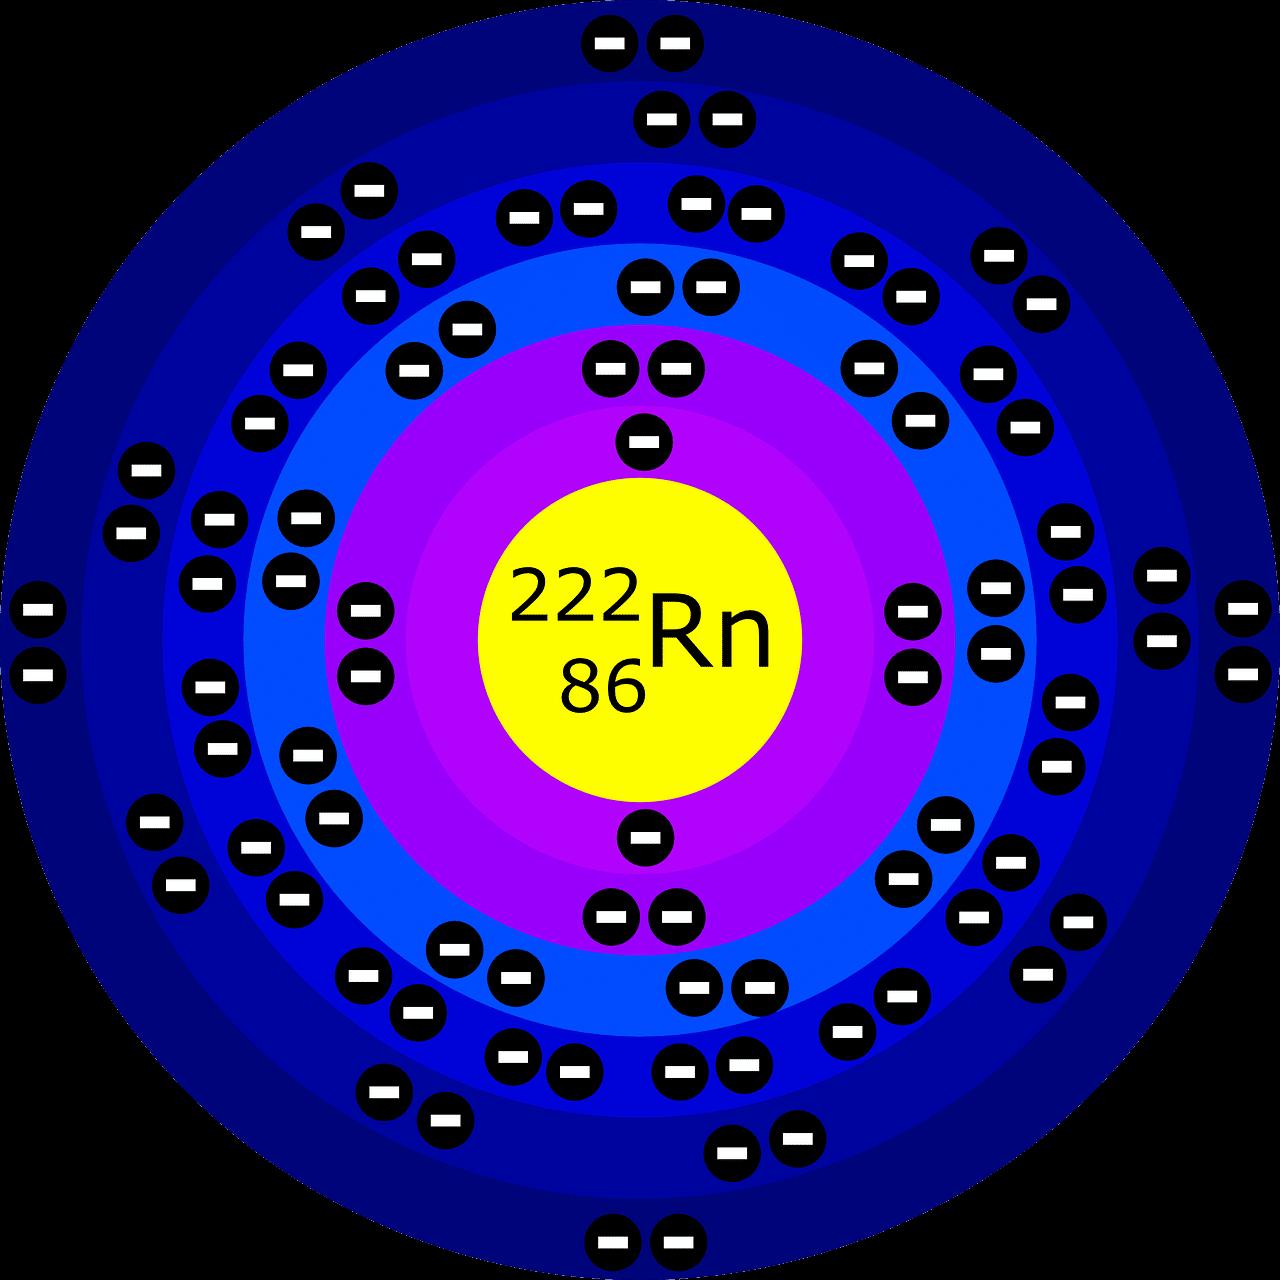 Le fluttuazioni dimostrano che il decadimento del Radioisotopo non è affidabile